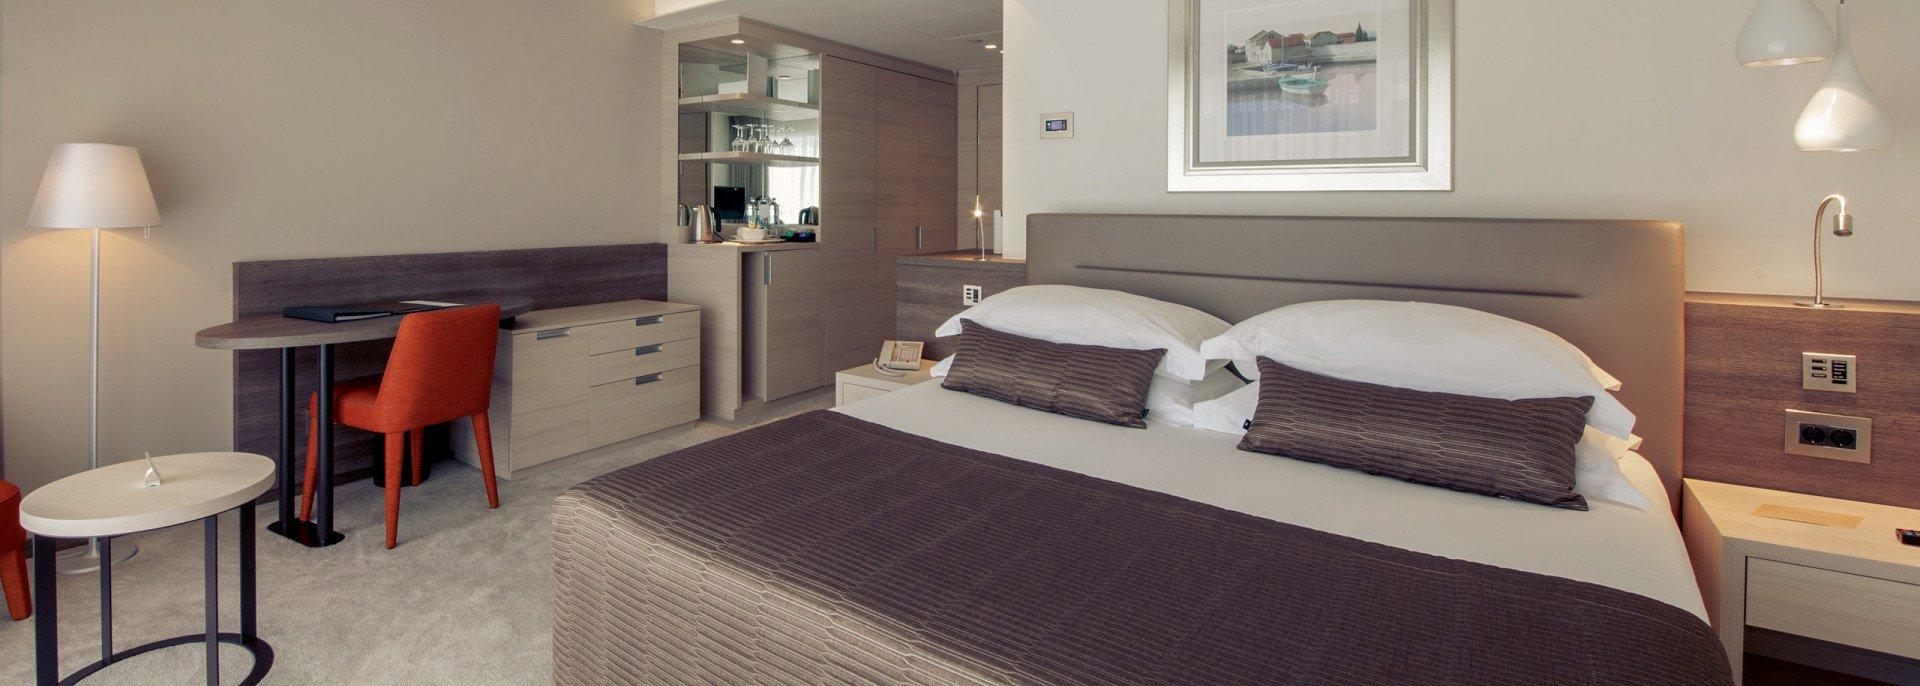 https://www.losinj-hotels.com/assets/Bellevue/Rooms-Suites/_resampled/CroppedFocusedImageWyIxOTIwIiwiNjg2IiwieSIsMjU3XQ/superior-park-side-francuski.jpg